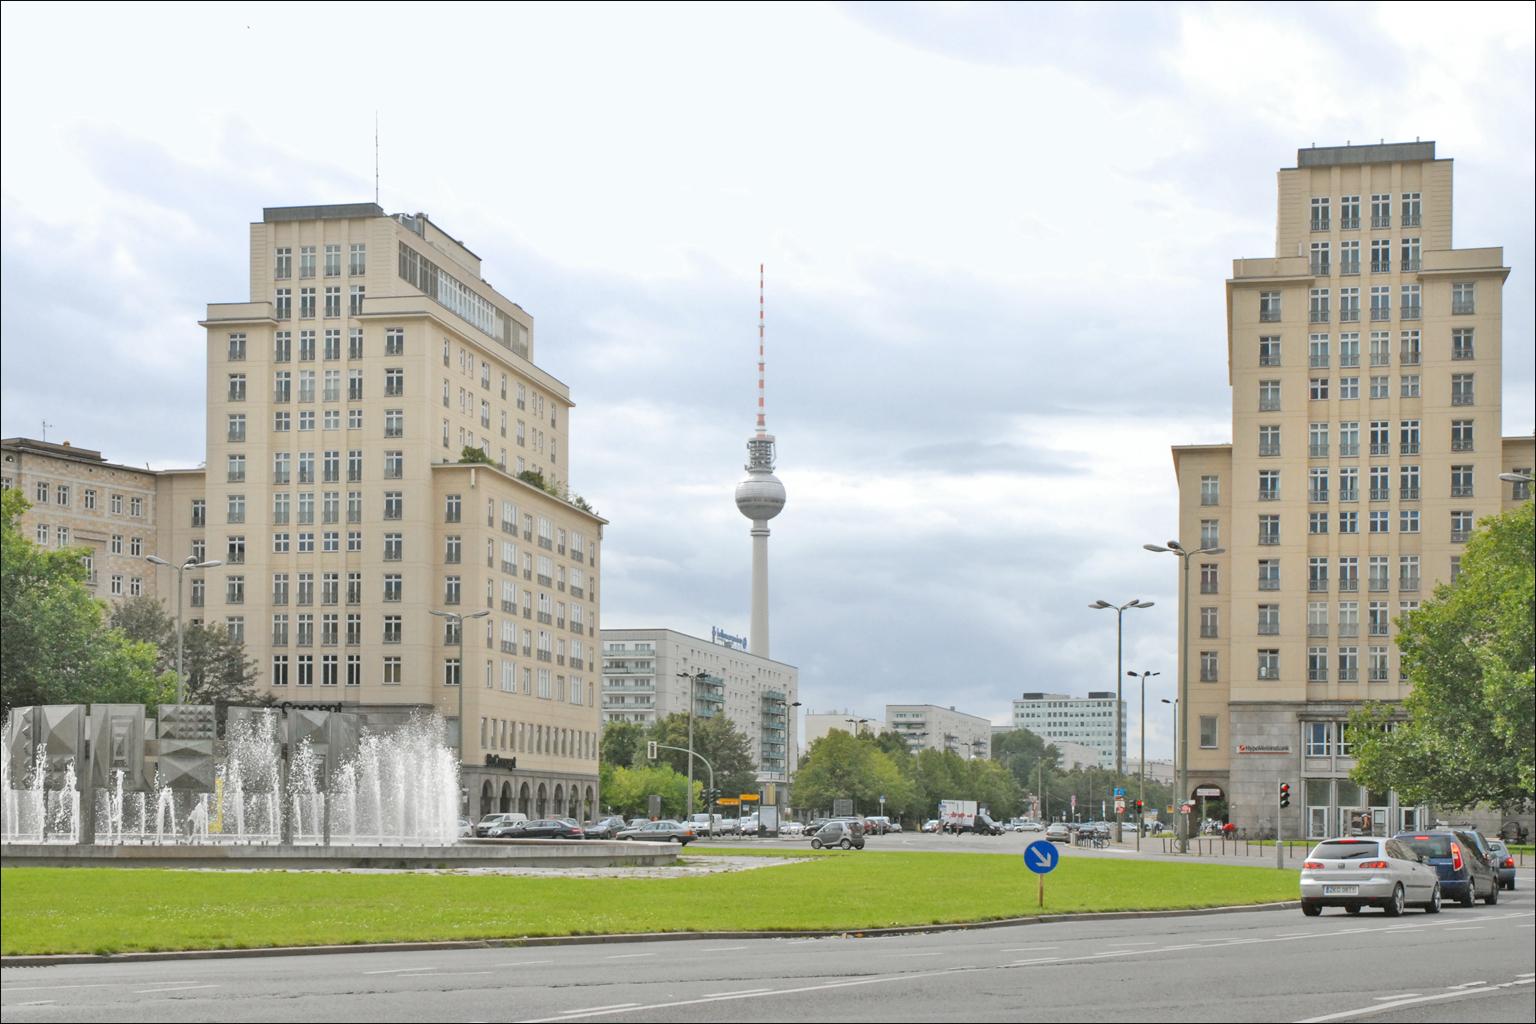 file la strausberger platz karl marx allee berlin. Black Bedroom Furniture Sets. Home Design Ideas